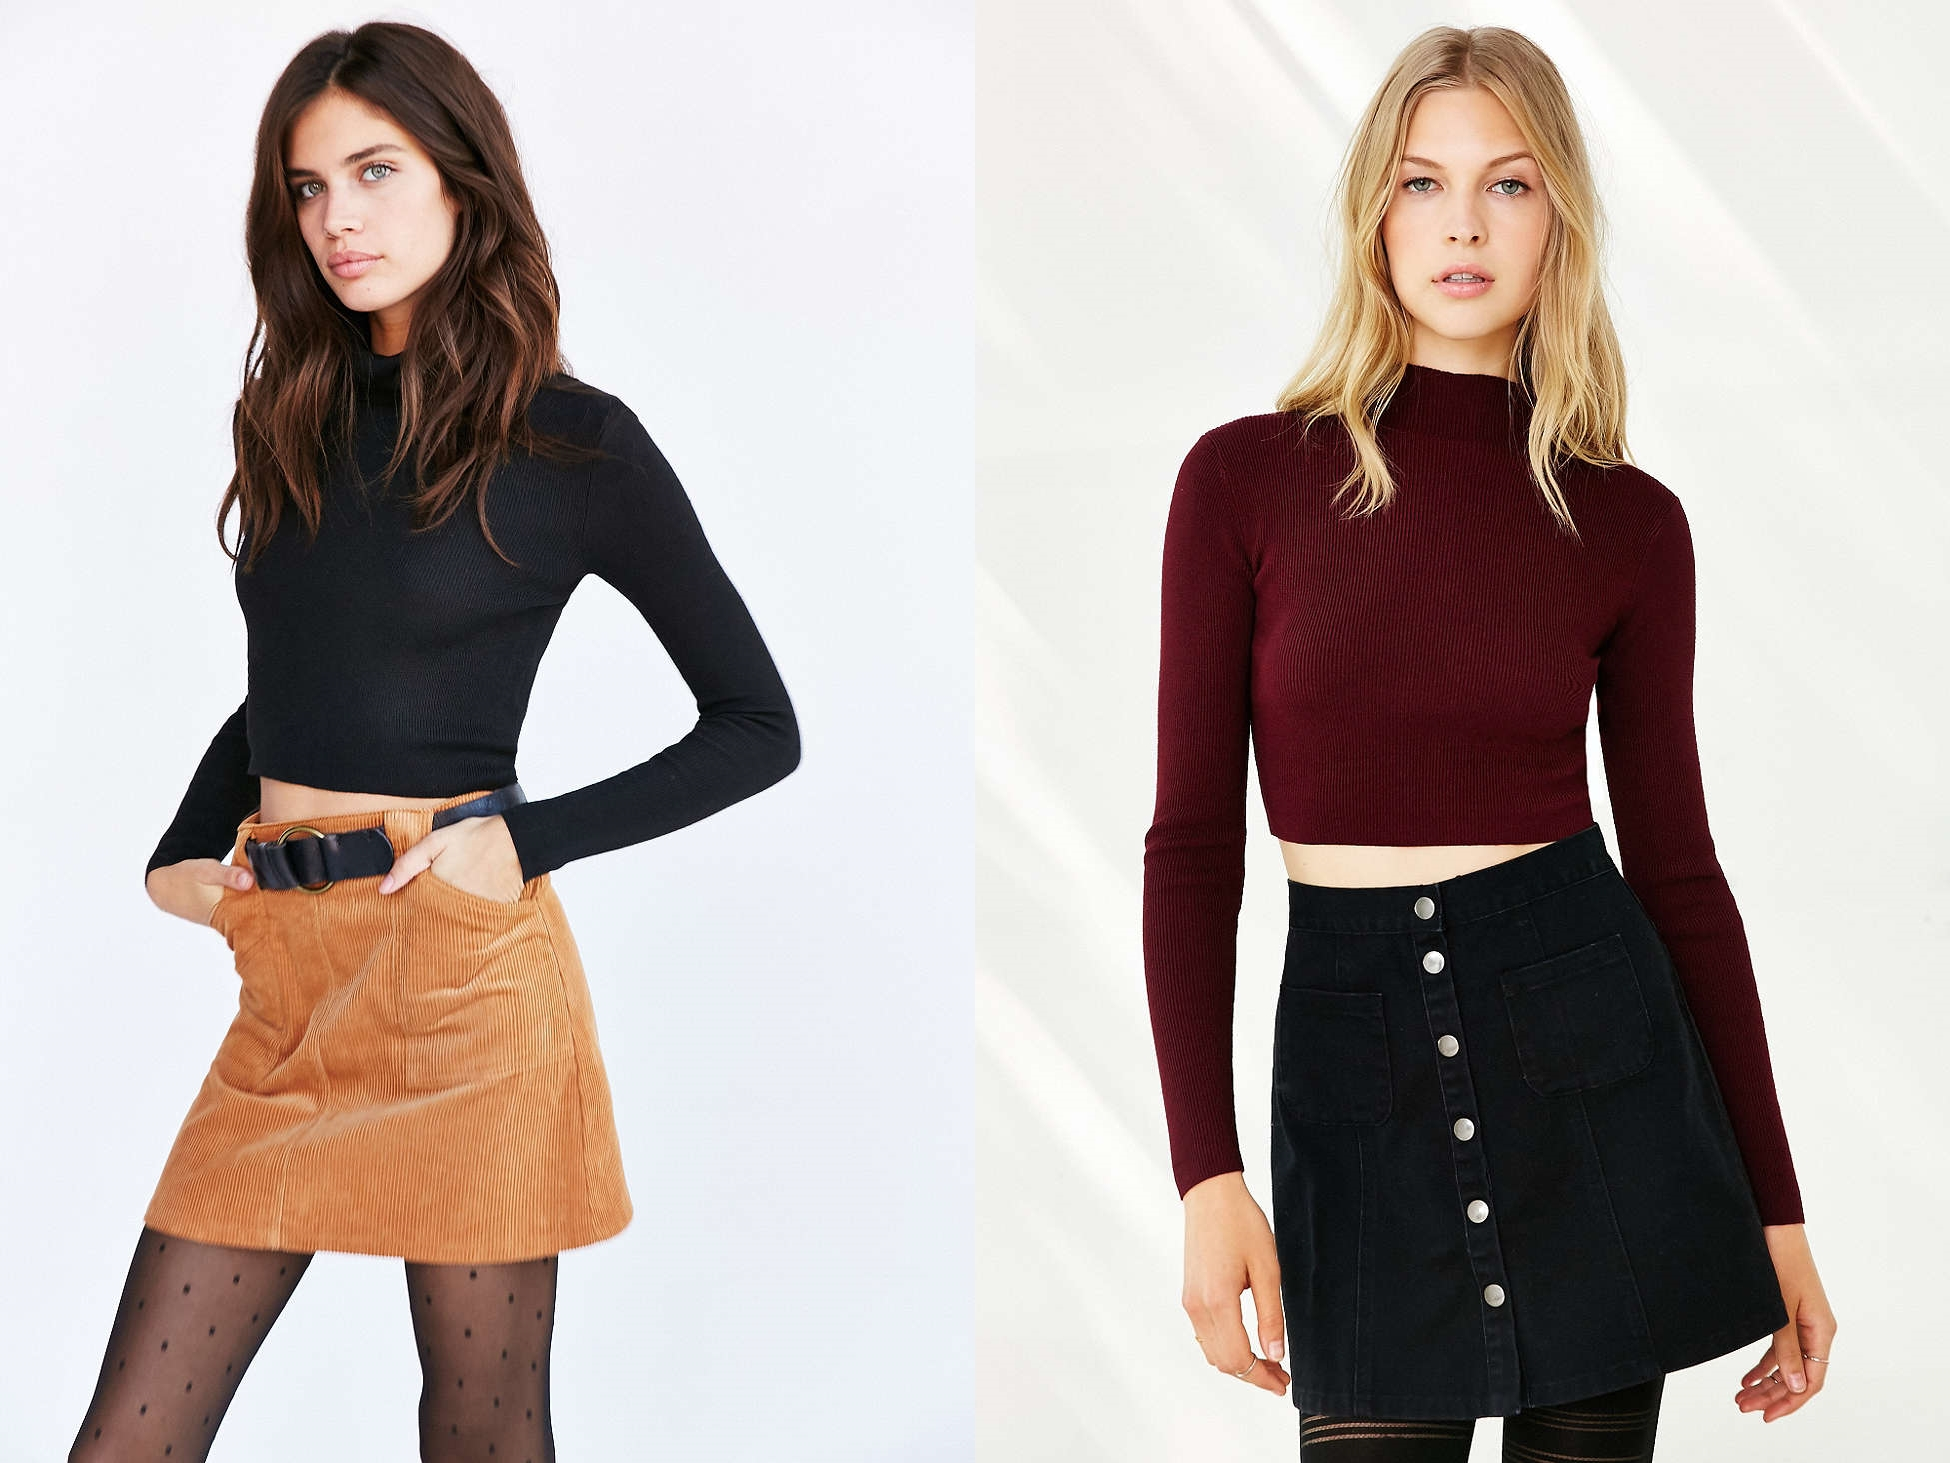 適合冬天的短版上衣,也可以選擇稍微高領的設計,能夠從頸部就創造出線條美感。